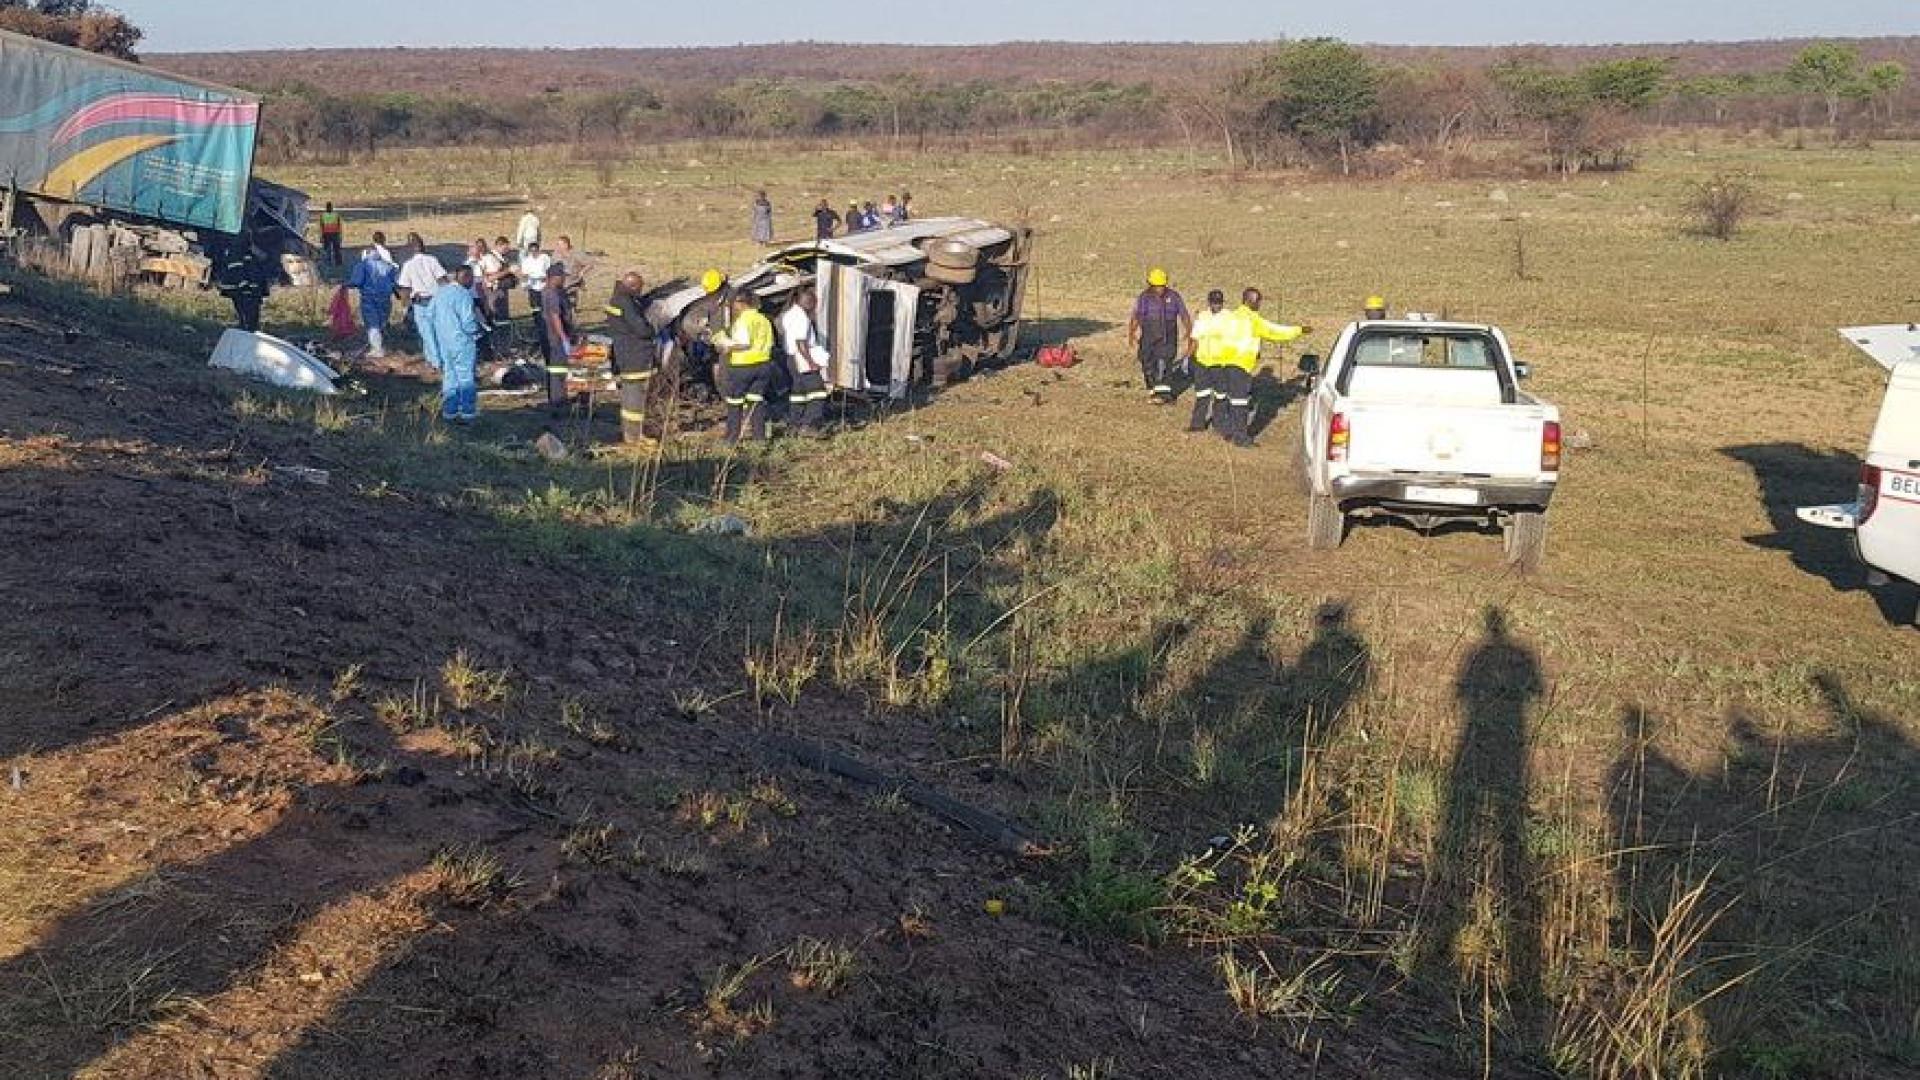 Acidente com vários veículos na África do Sul mata 27 pessoas